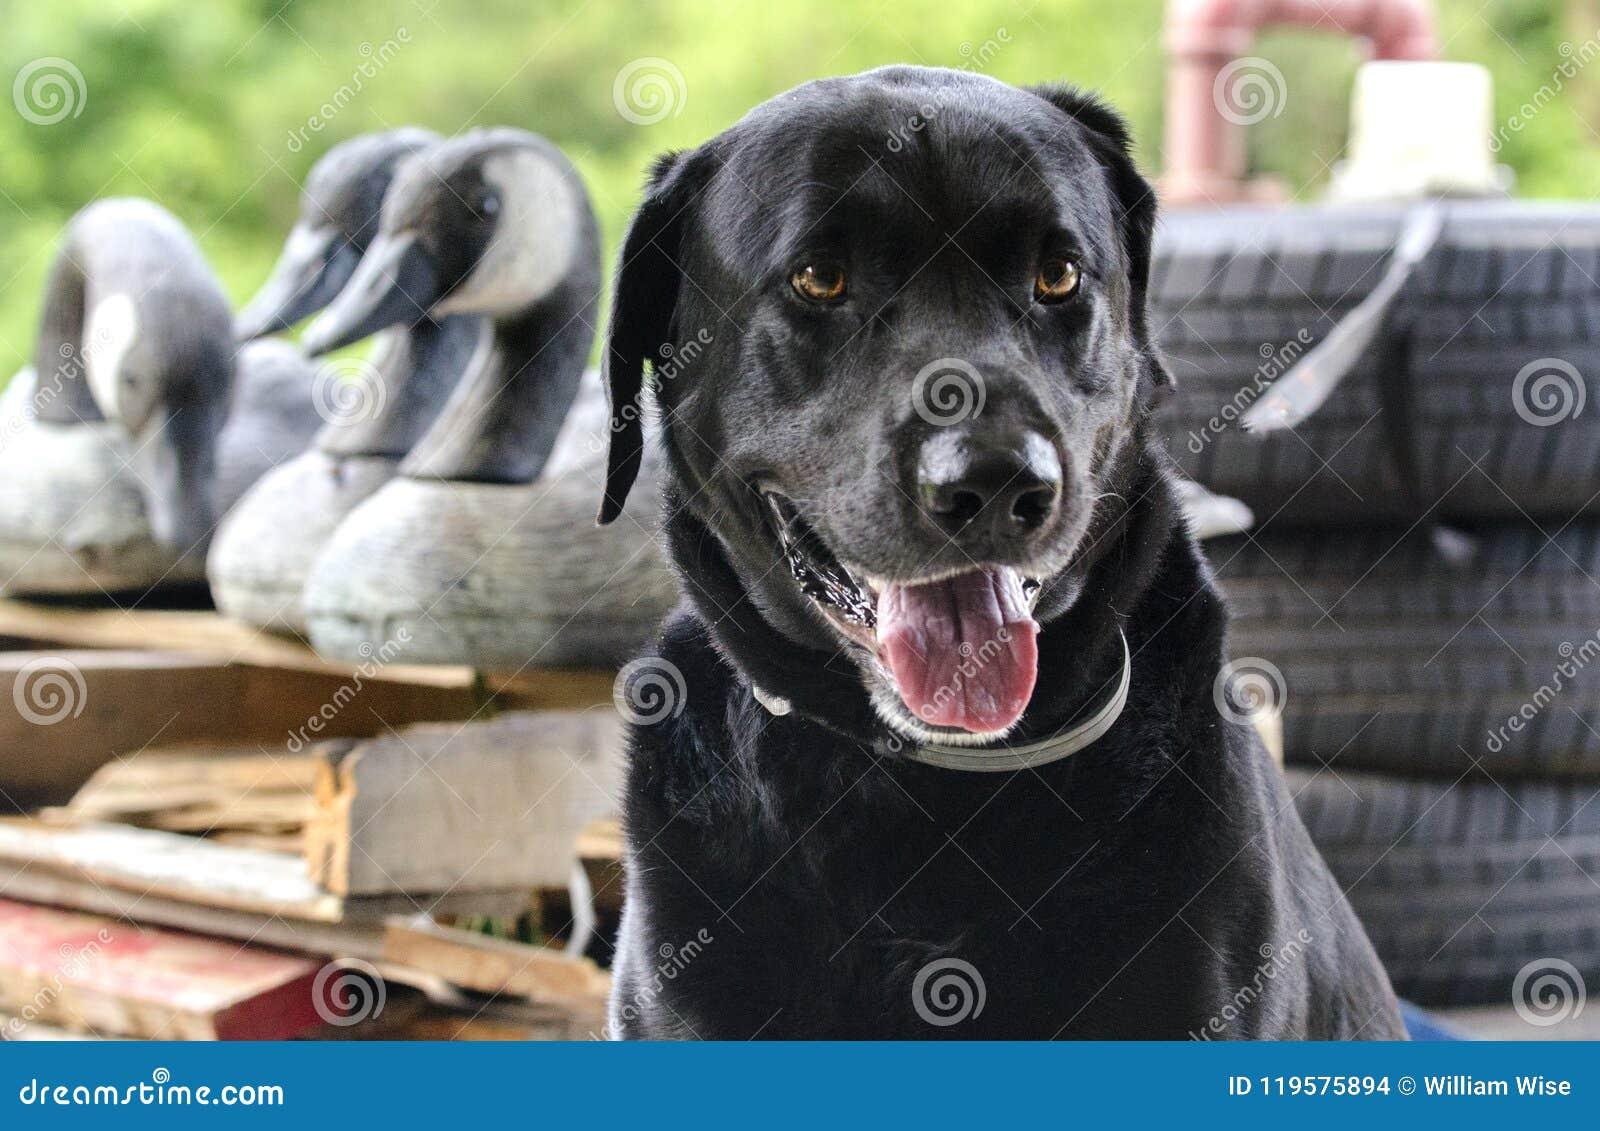 拉布拉多猎犬鸭子与加拿大鹅诱饵的猎犬